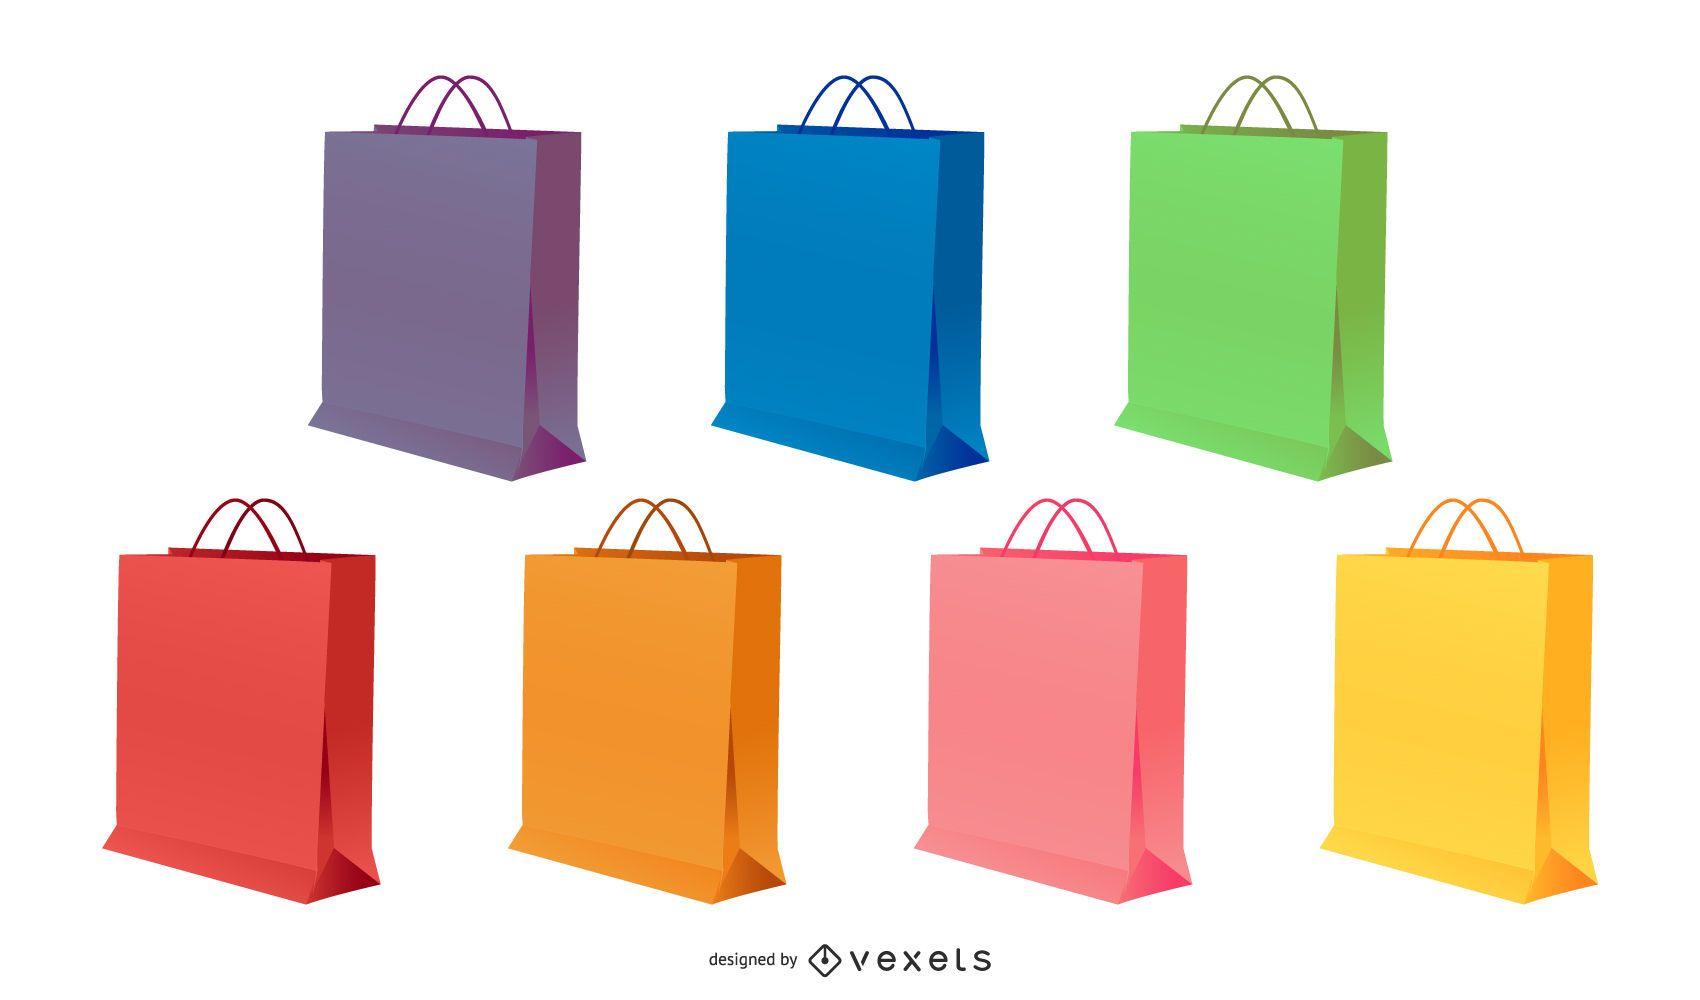 conjunto de ilustración de bolsas de papel de colores